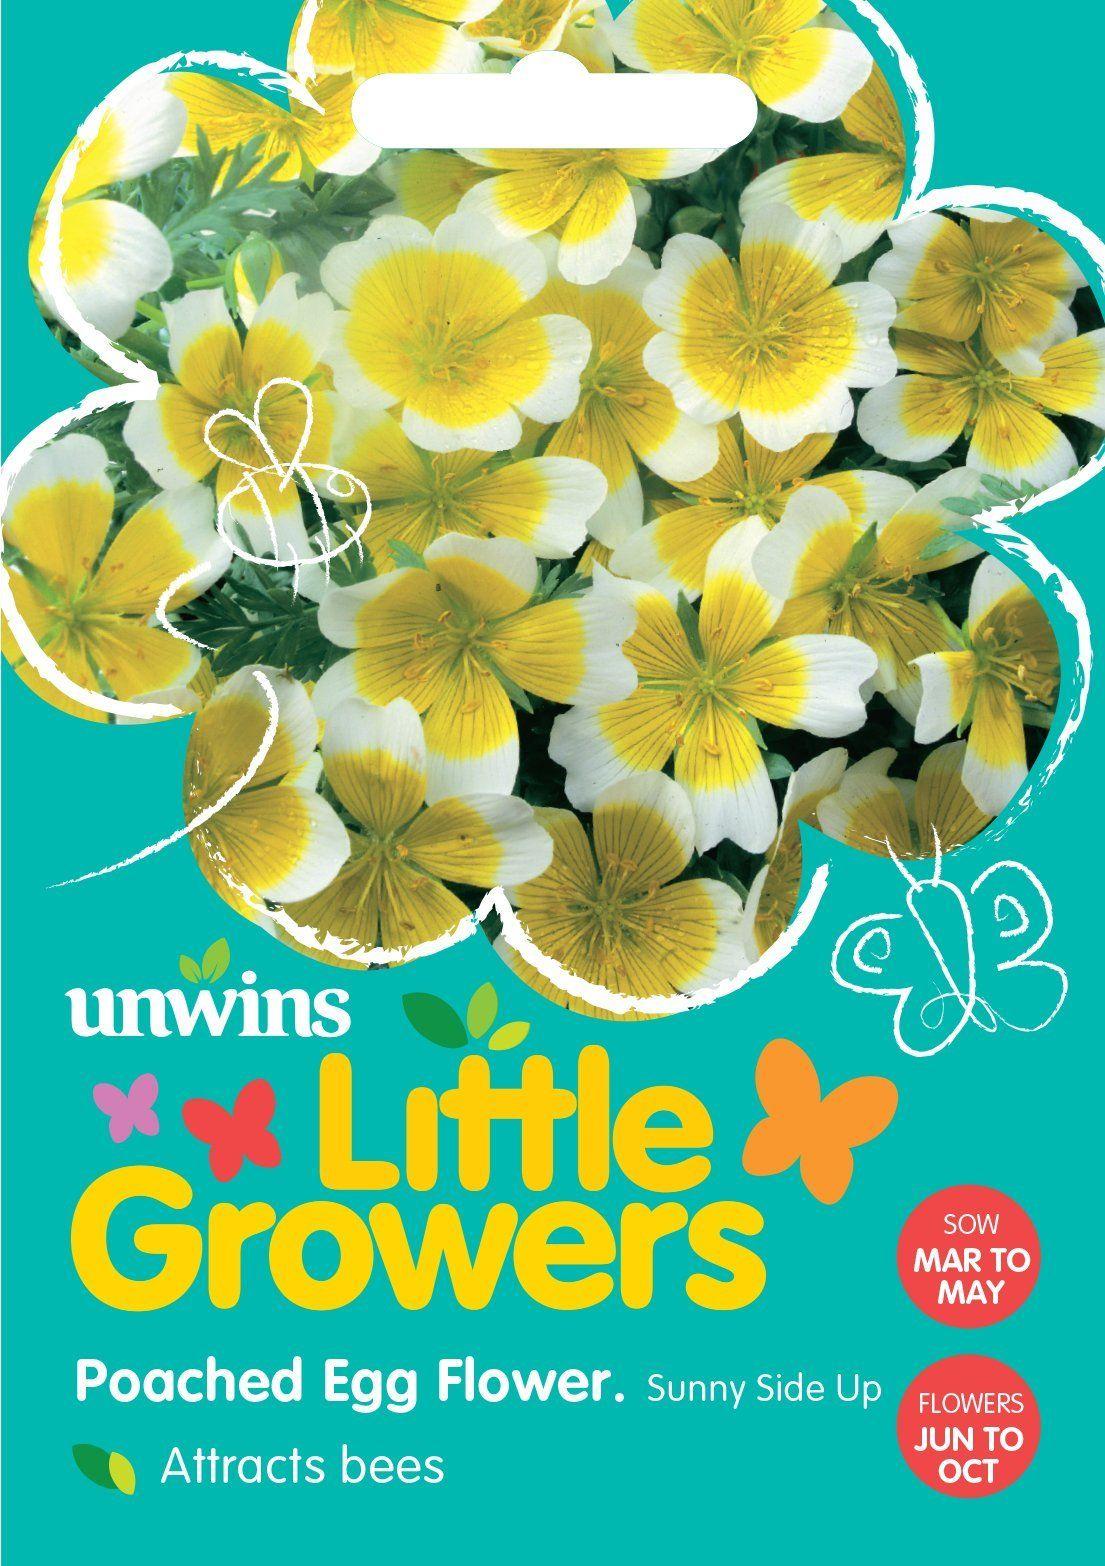 Little Growers Poached Egg Flower Sunnyside